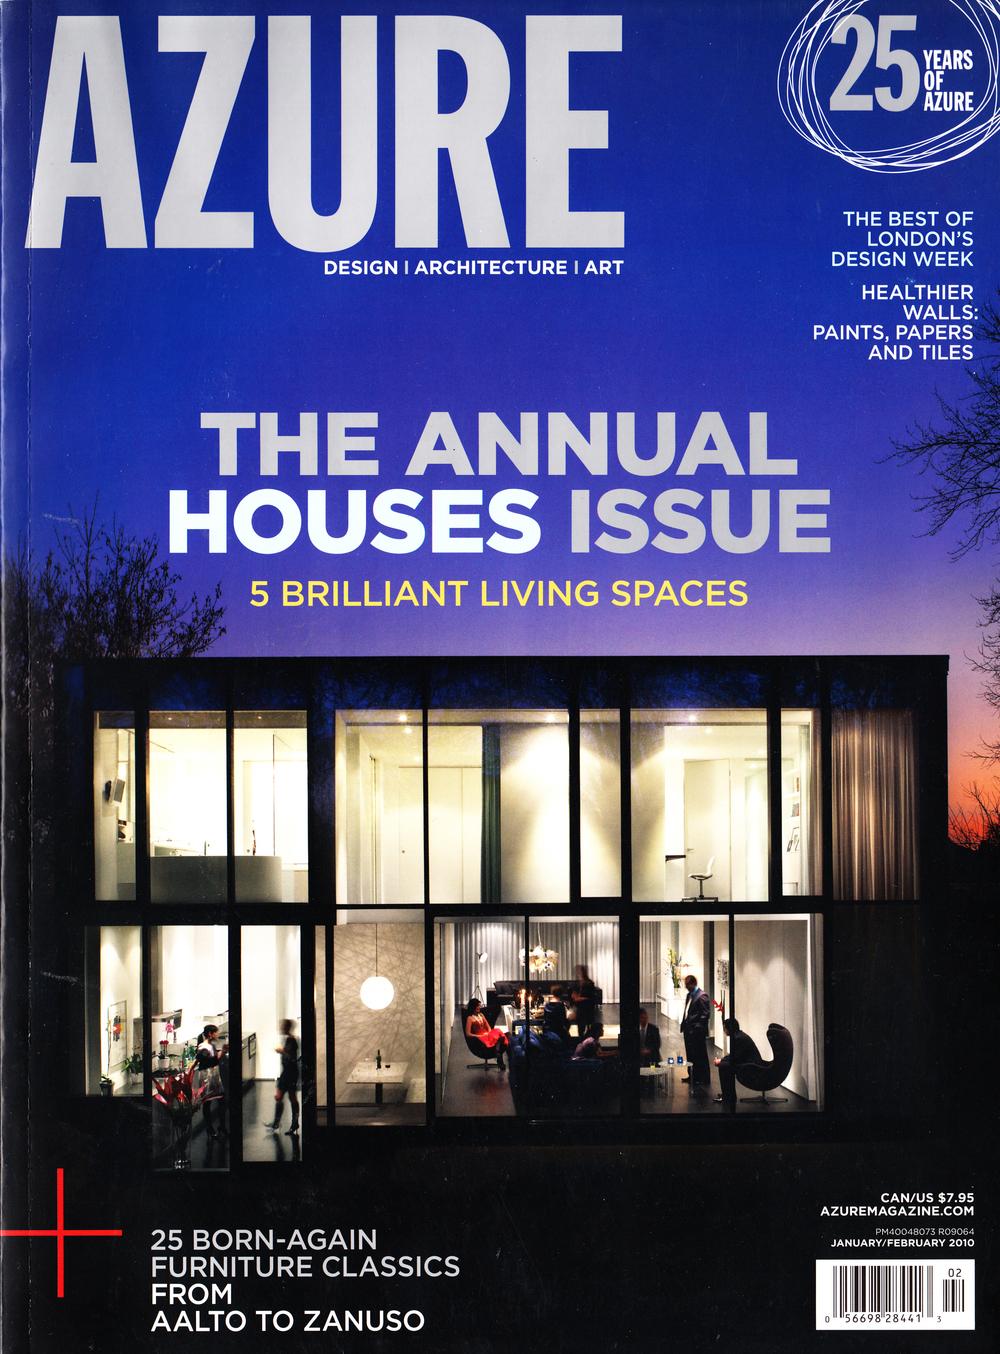 2010_02_Azure_Mag_Cover.jpg